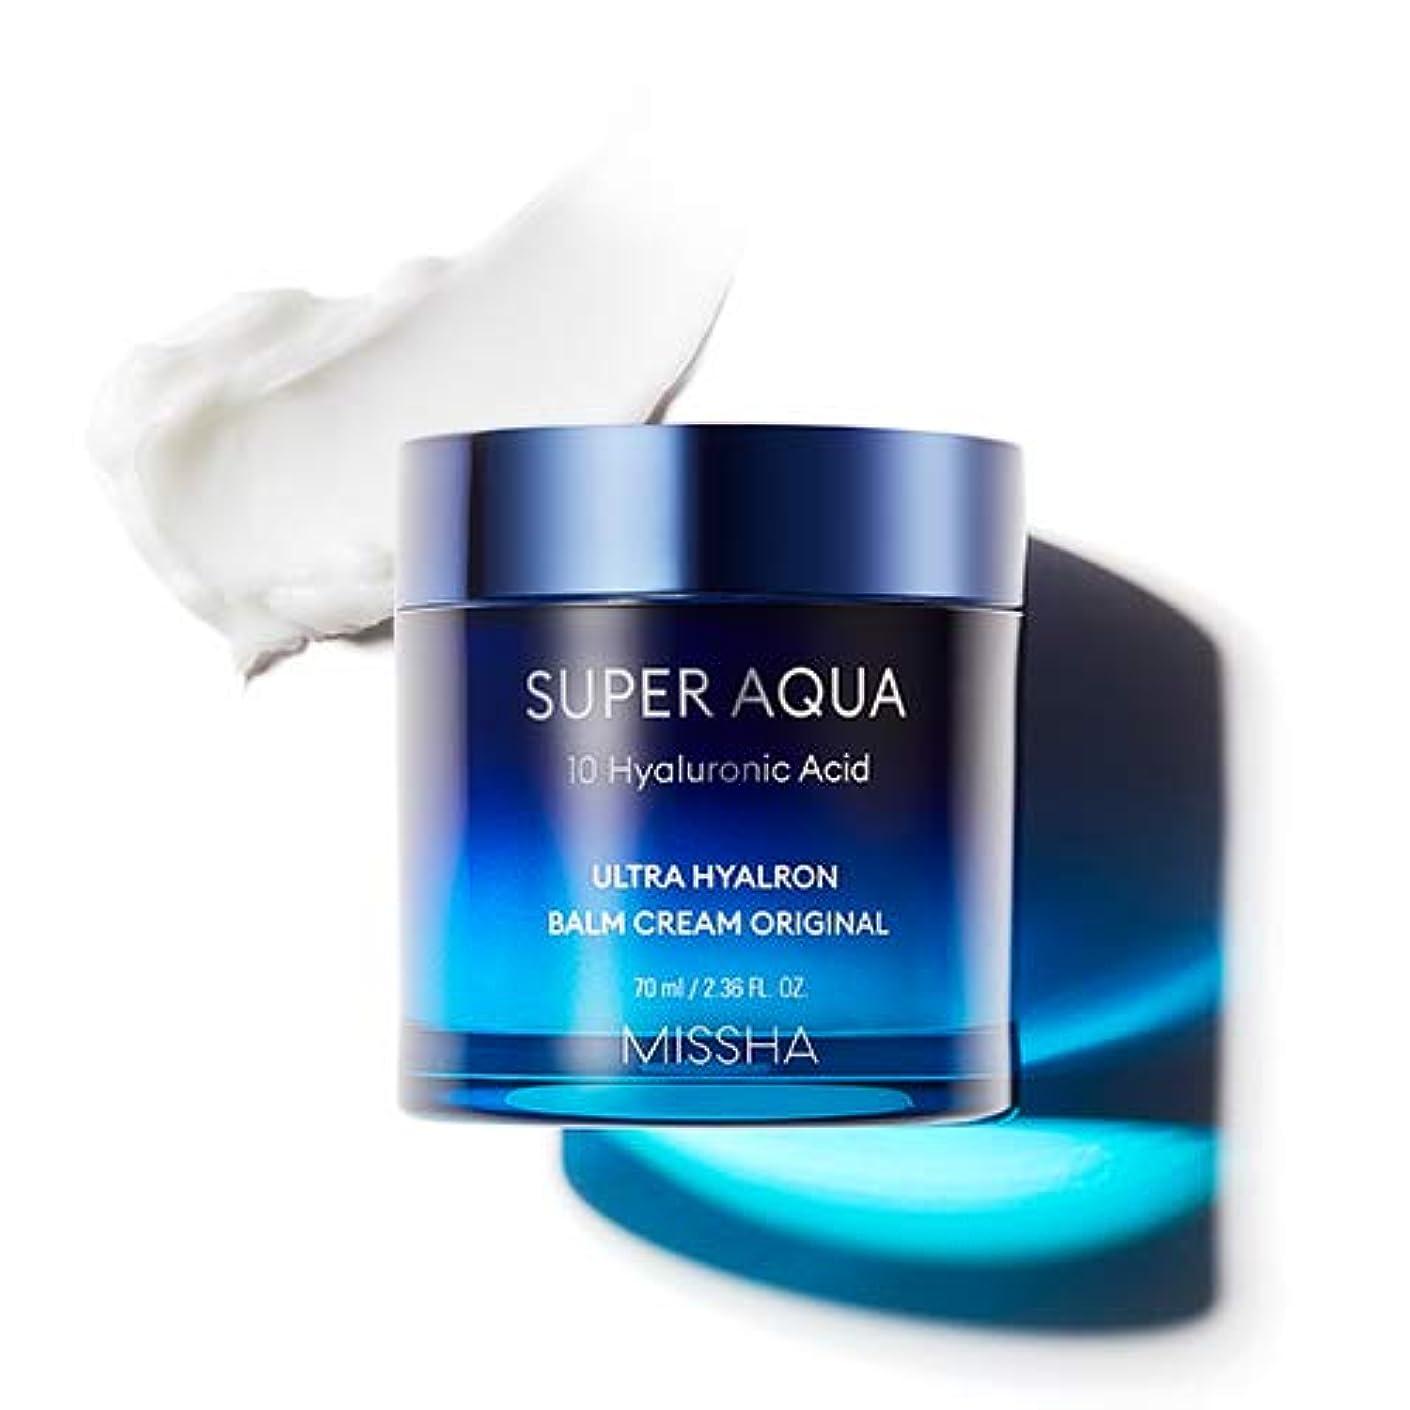 斧ハリウッド正直MISSHA Super Aqua Ultra Hyalron Balm Cream Original ミシャ スーパーアクア ウルトラ ヒアルロン バーム クリーム オリジナル 70ml [並行輸入品]